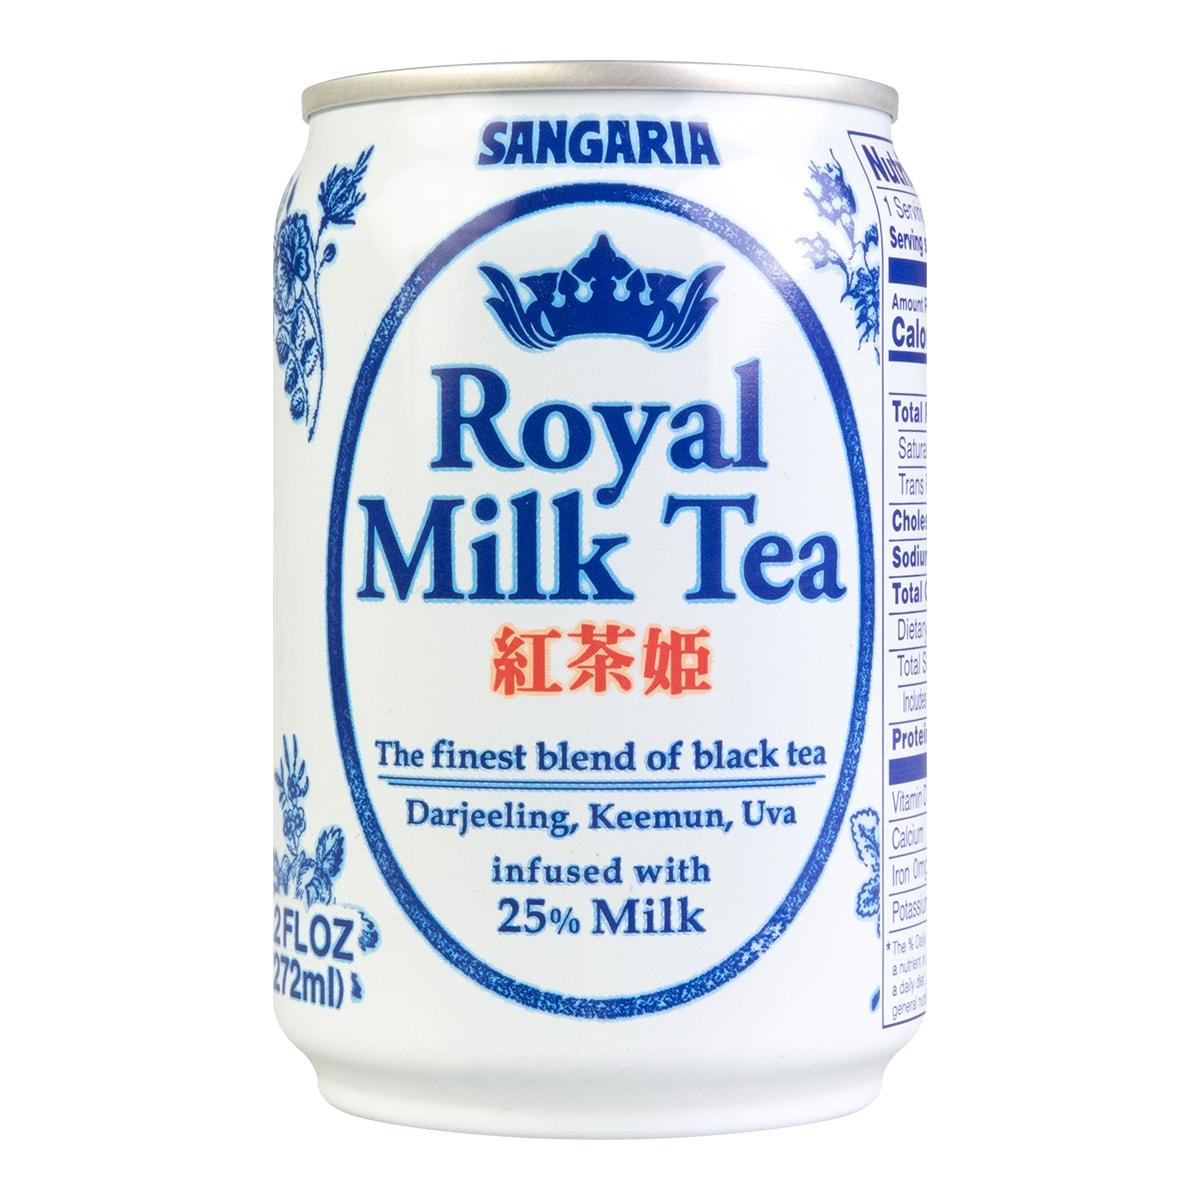 日本SANGARIA 红茶姬 奶茶 272ml